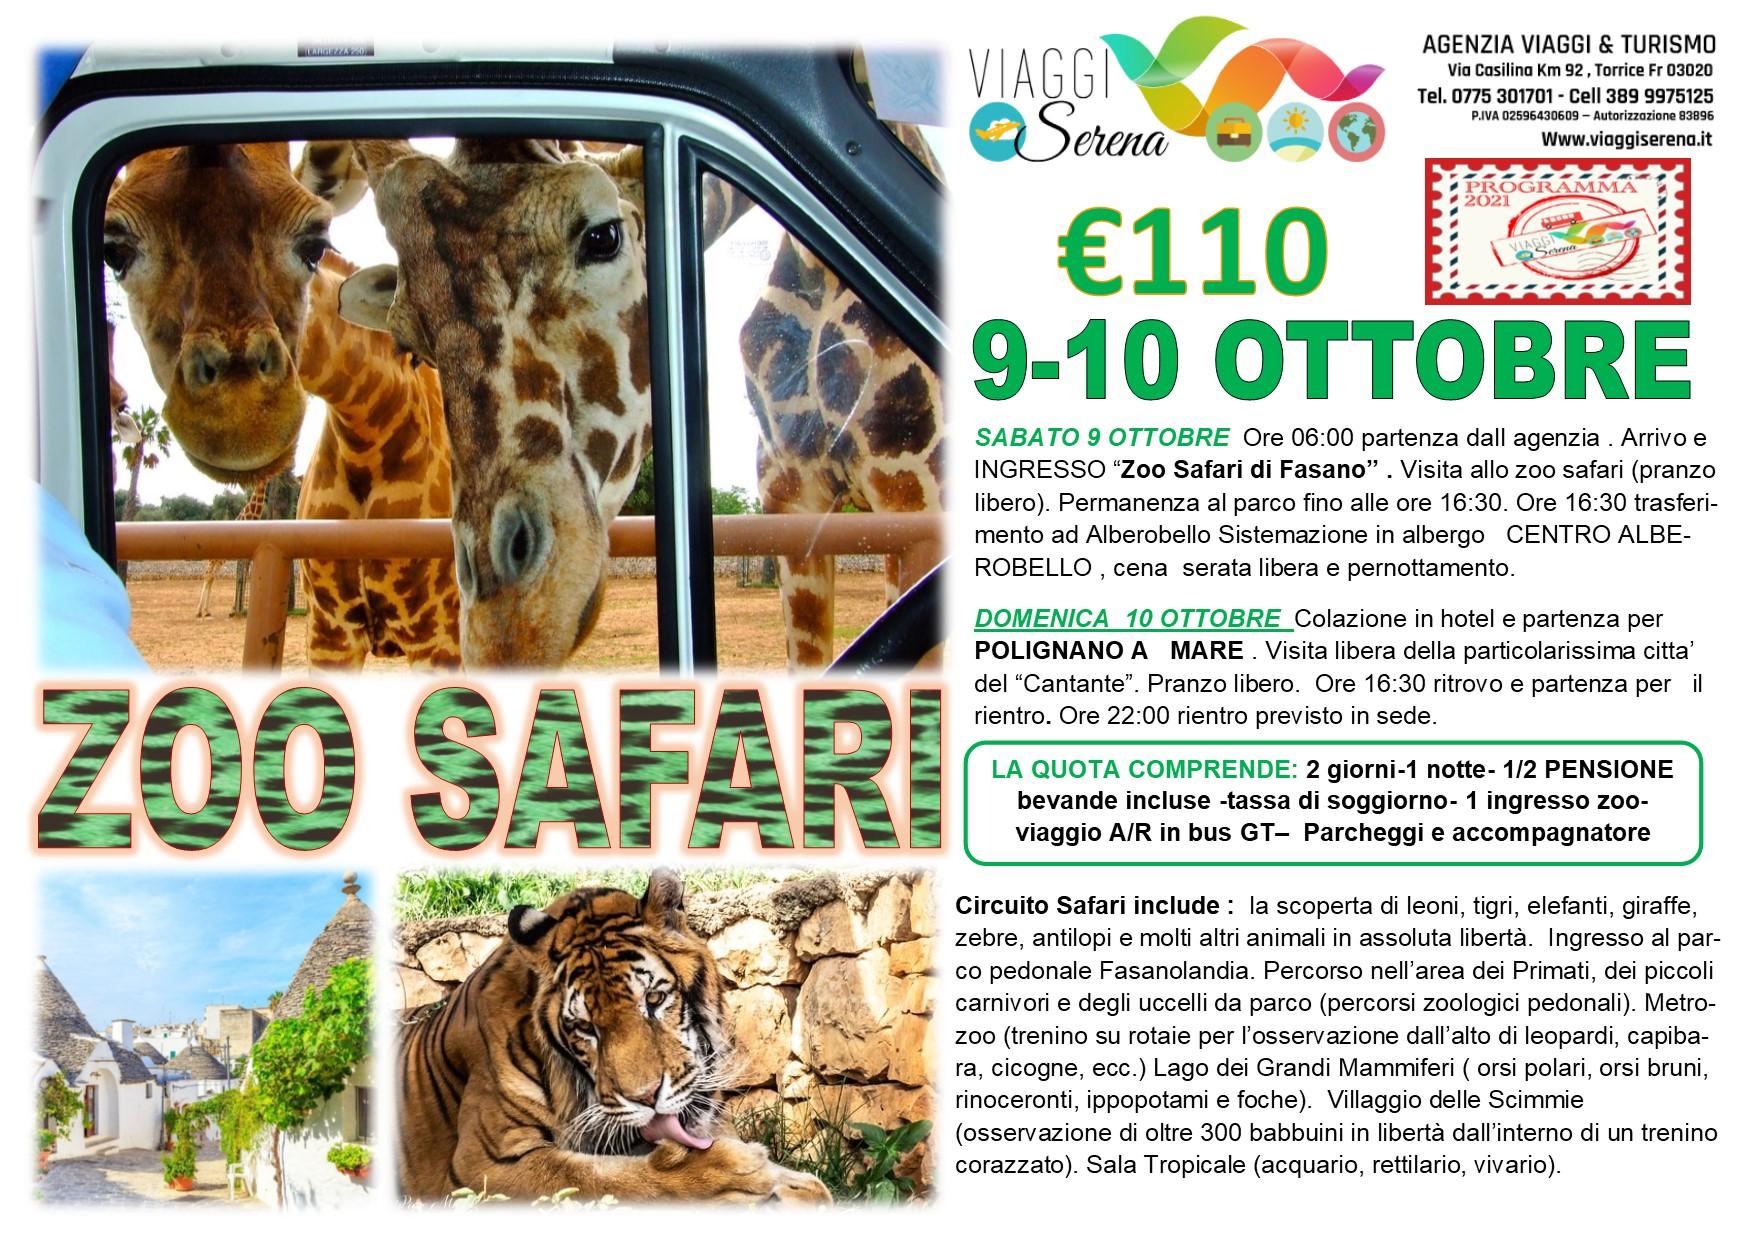 Viaggi di Gruppo: Zoo Safari, Alberobello e Polignano a mare 9-10 Ottobre € 110,00